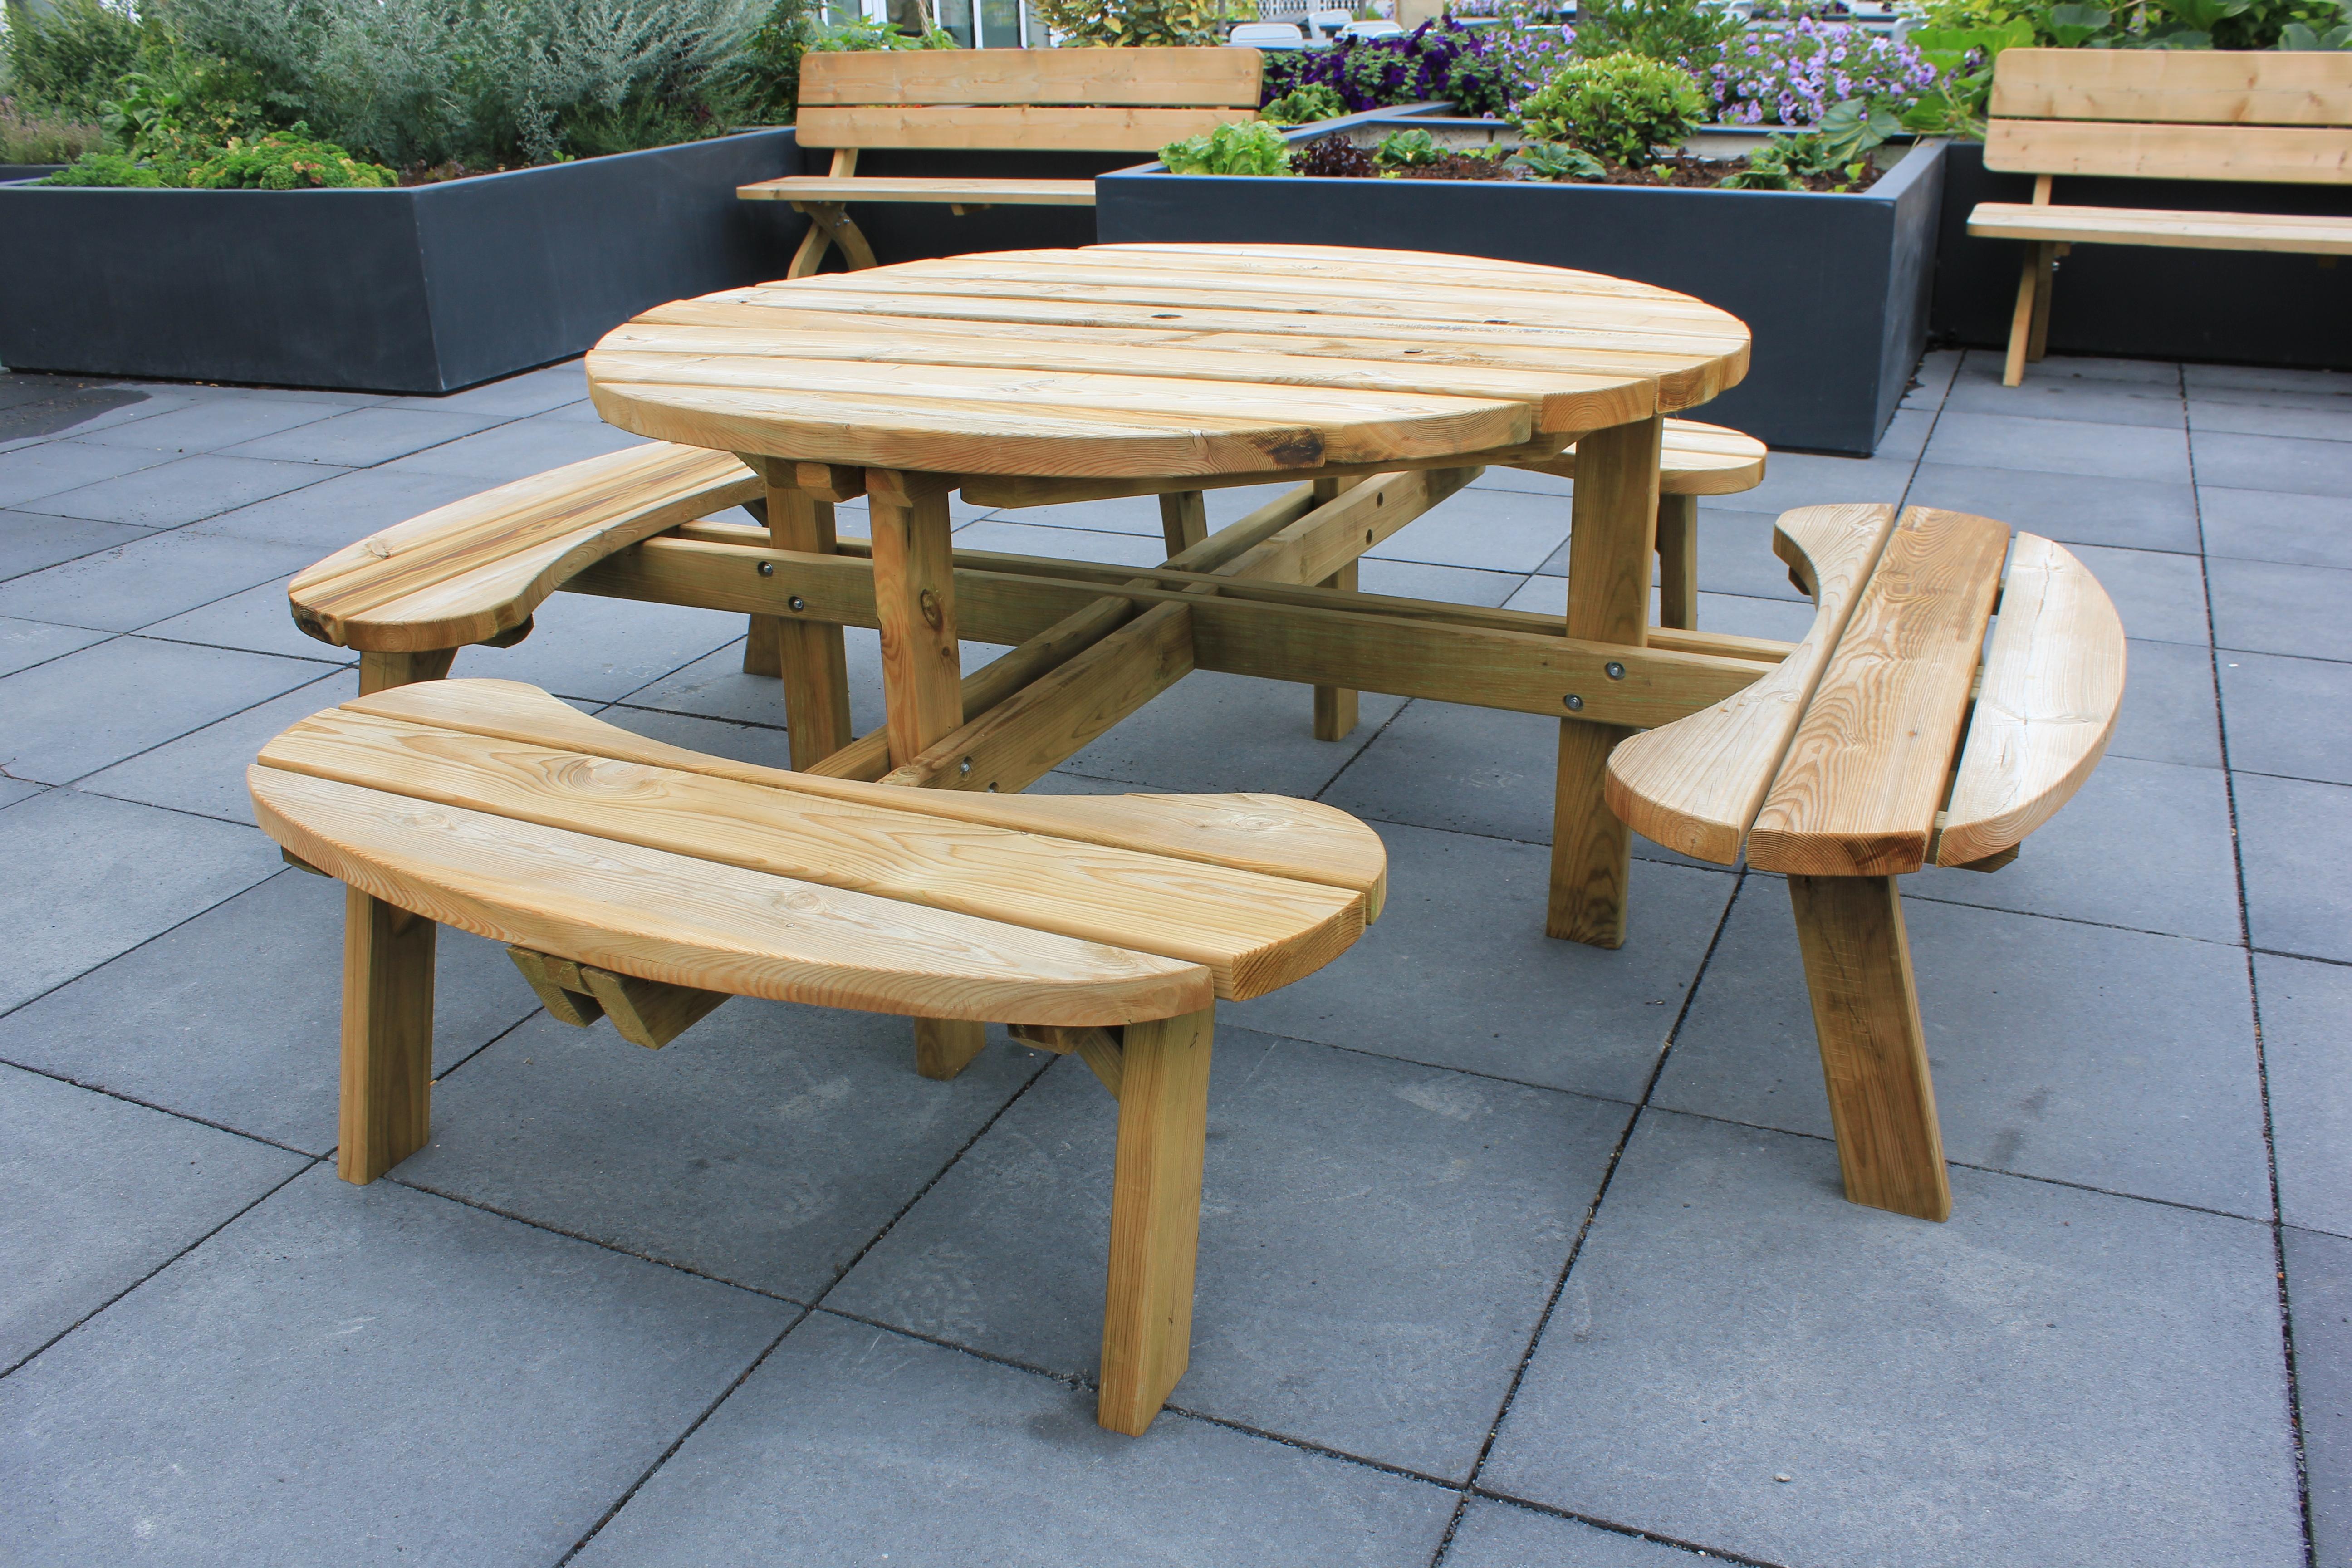 Table de pique-nique ronde 9,9 x 9,9 x 9,9 cm SOLID - Mr.Bricolage